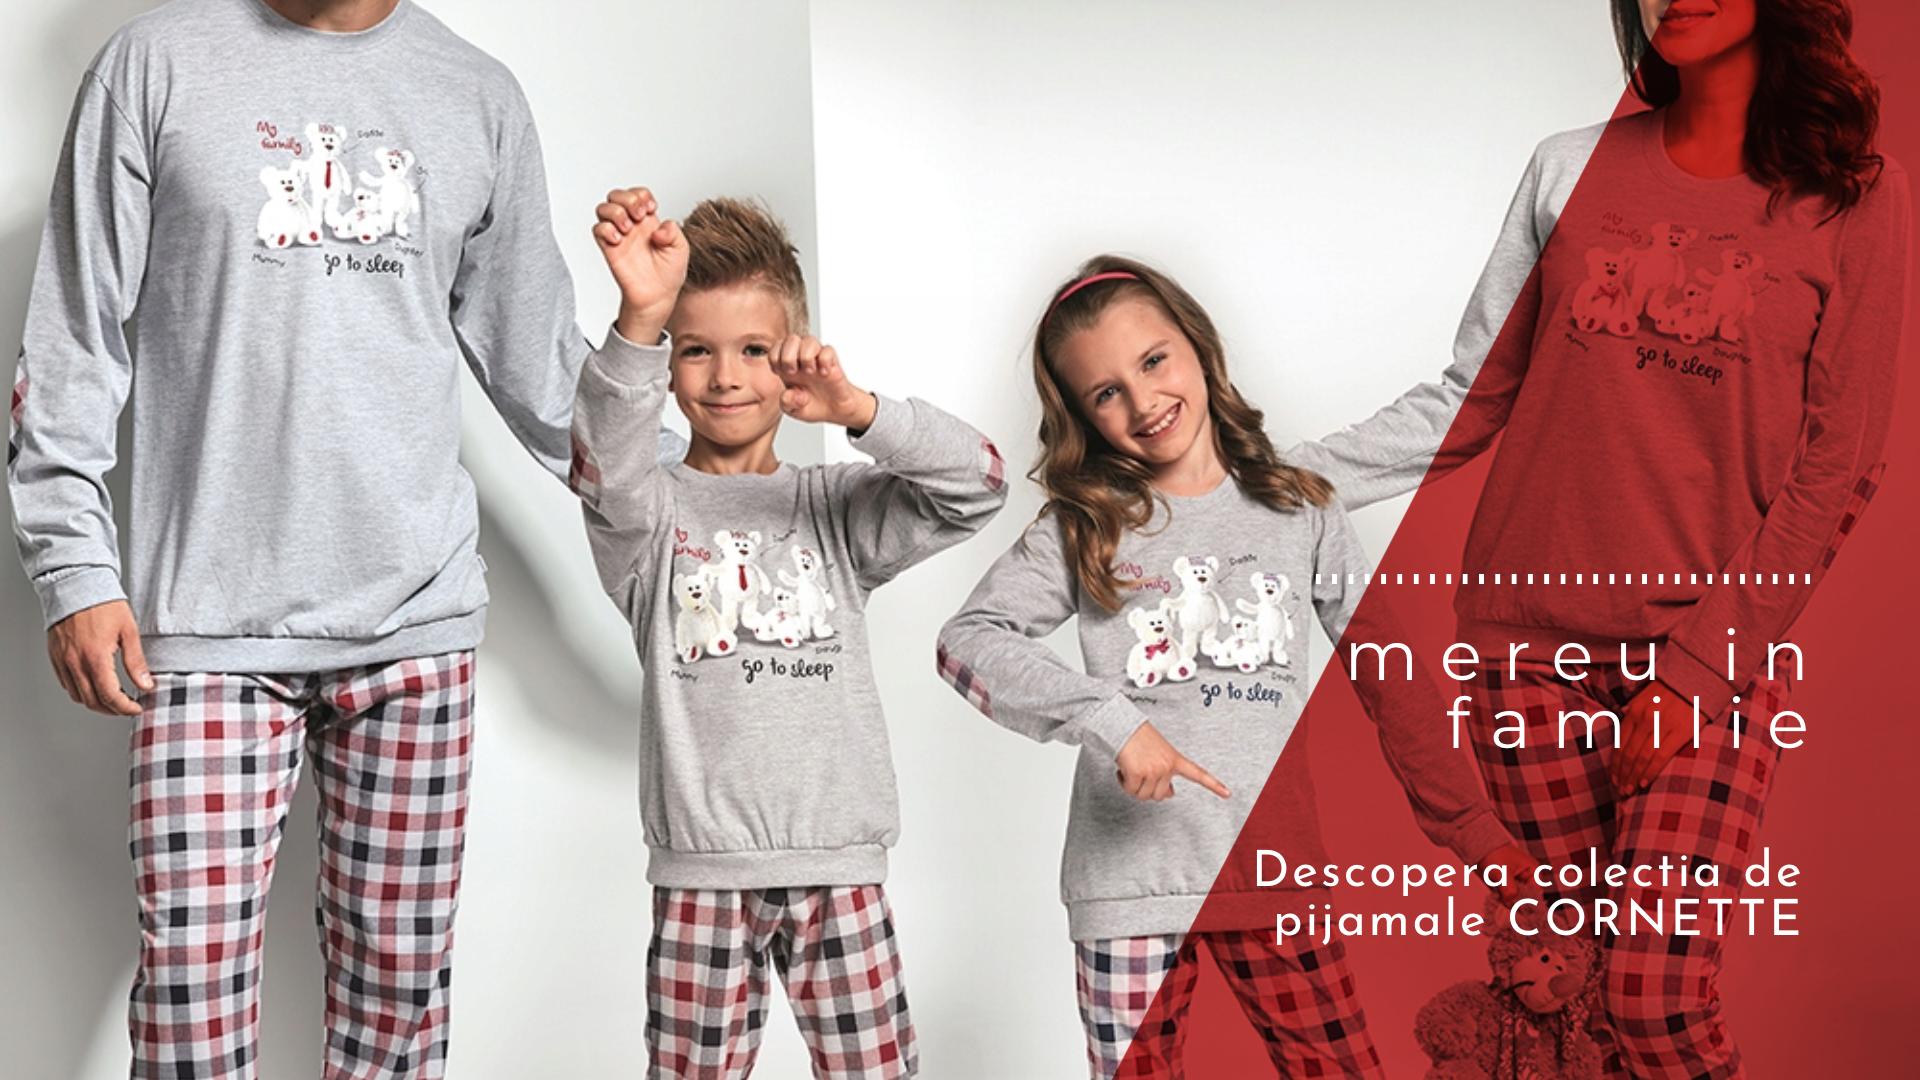 Pijamale Cornette